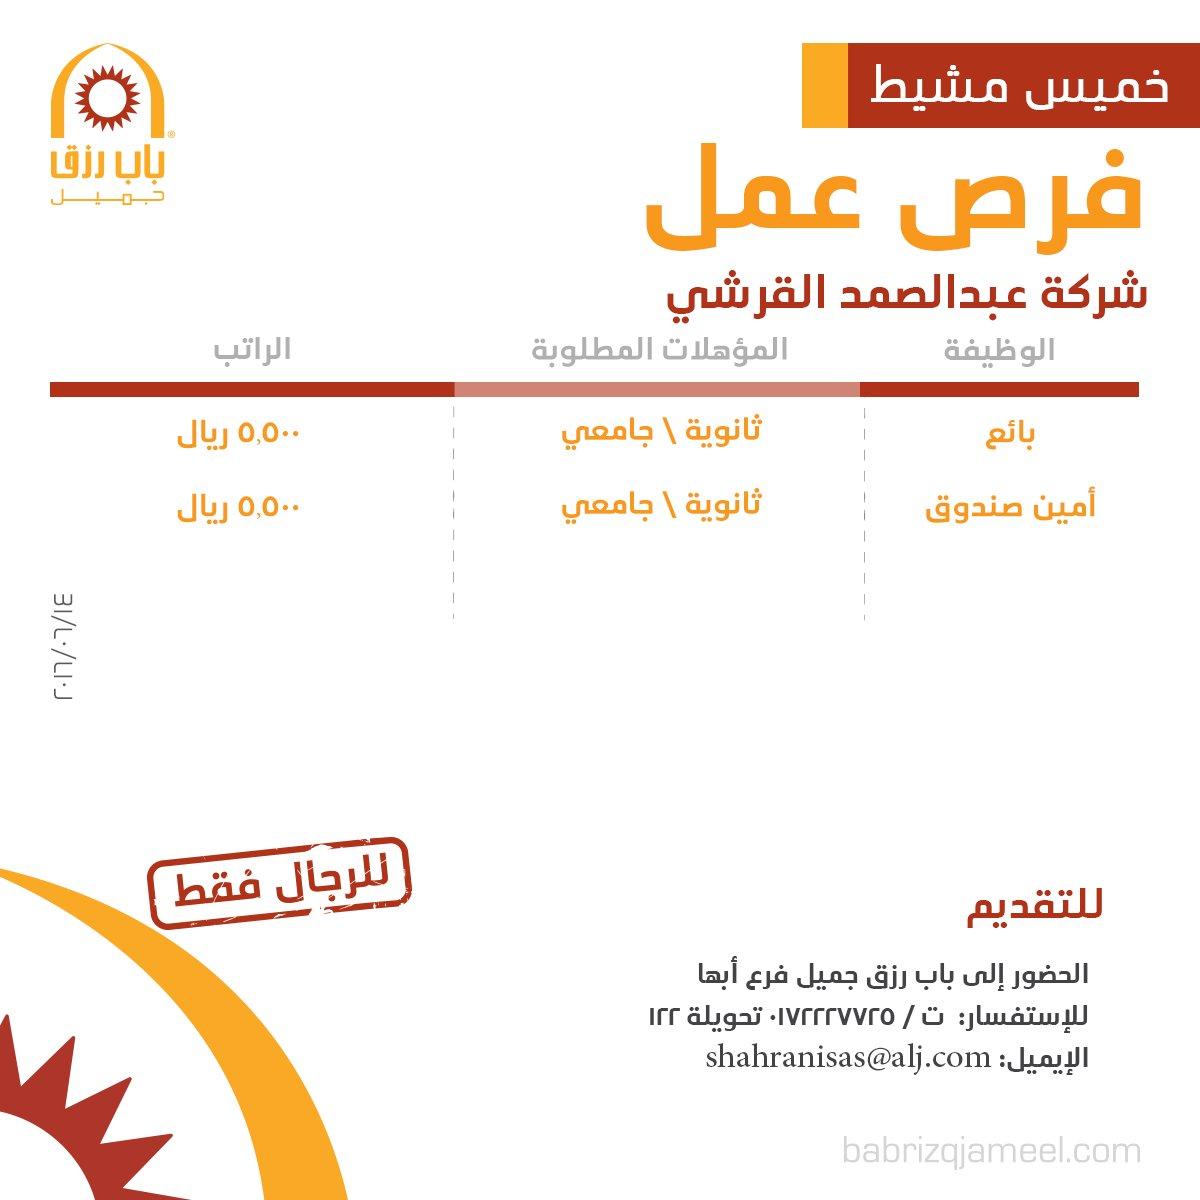 مطلوب بائع وأمين صندوق لشركة عبد الصمد القرشي - خميس مشيط